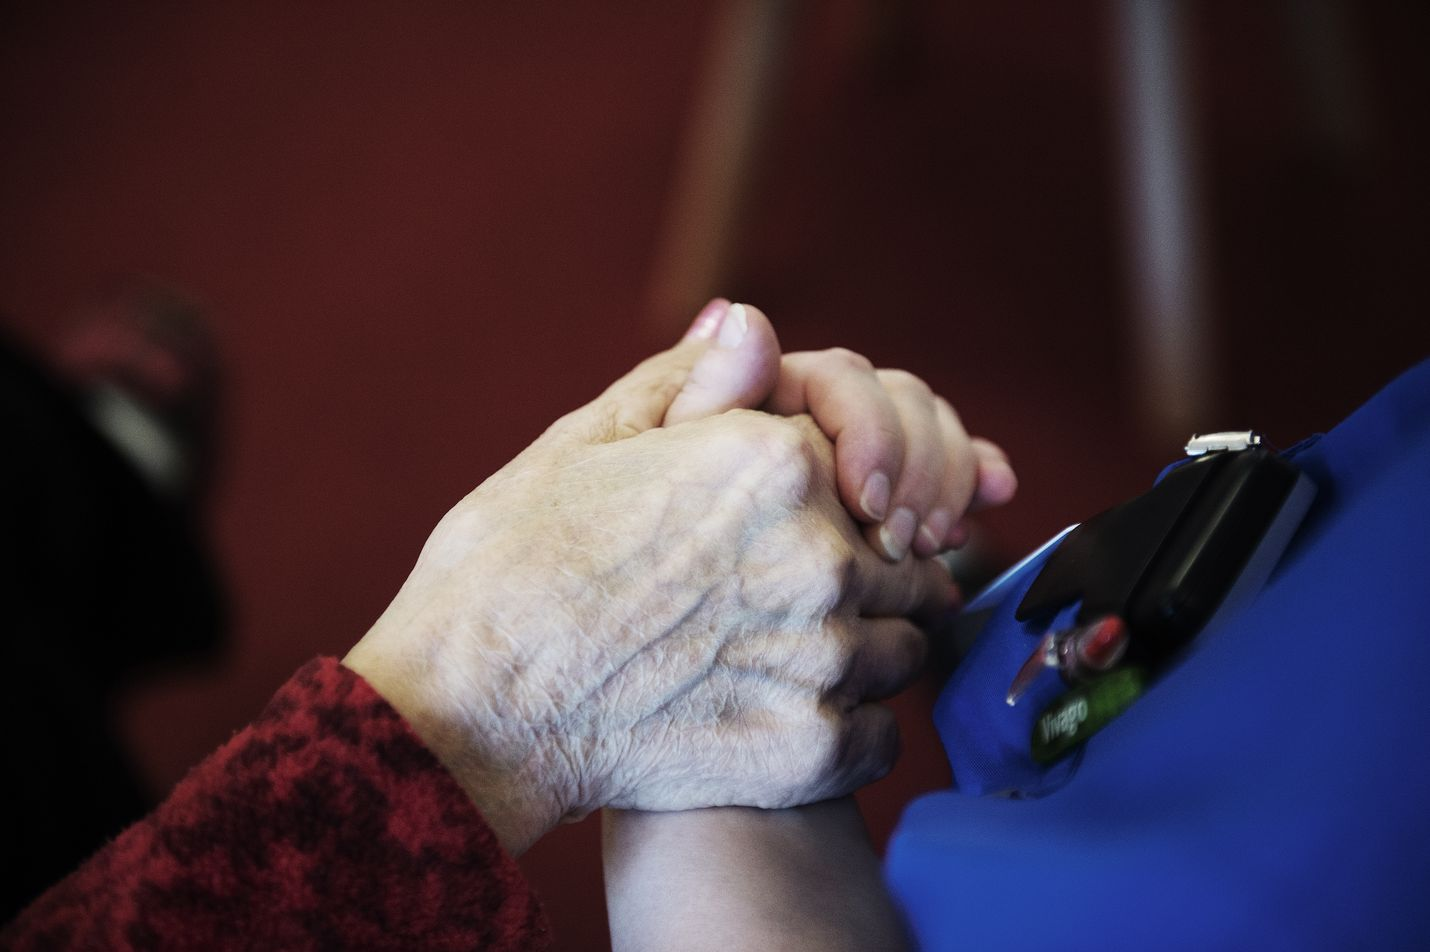 Hoitoala on kokenut takaiskuja muun muassa hoivakodeissa alkuvuonna 2019 ilmenneiden laiminlyöntien vuoksi. Koulutuksen järjestäjillä on kova tehtävä houkutella runsaasti uusia ihmisiä opiskelemaan vanhustyötä.